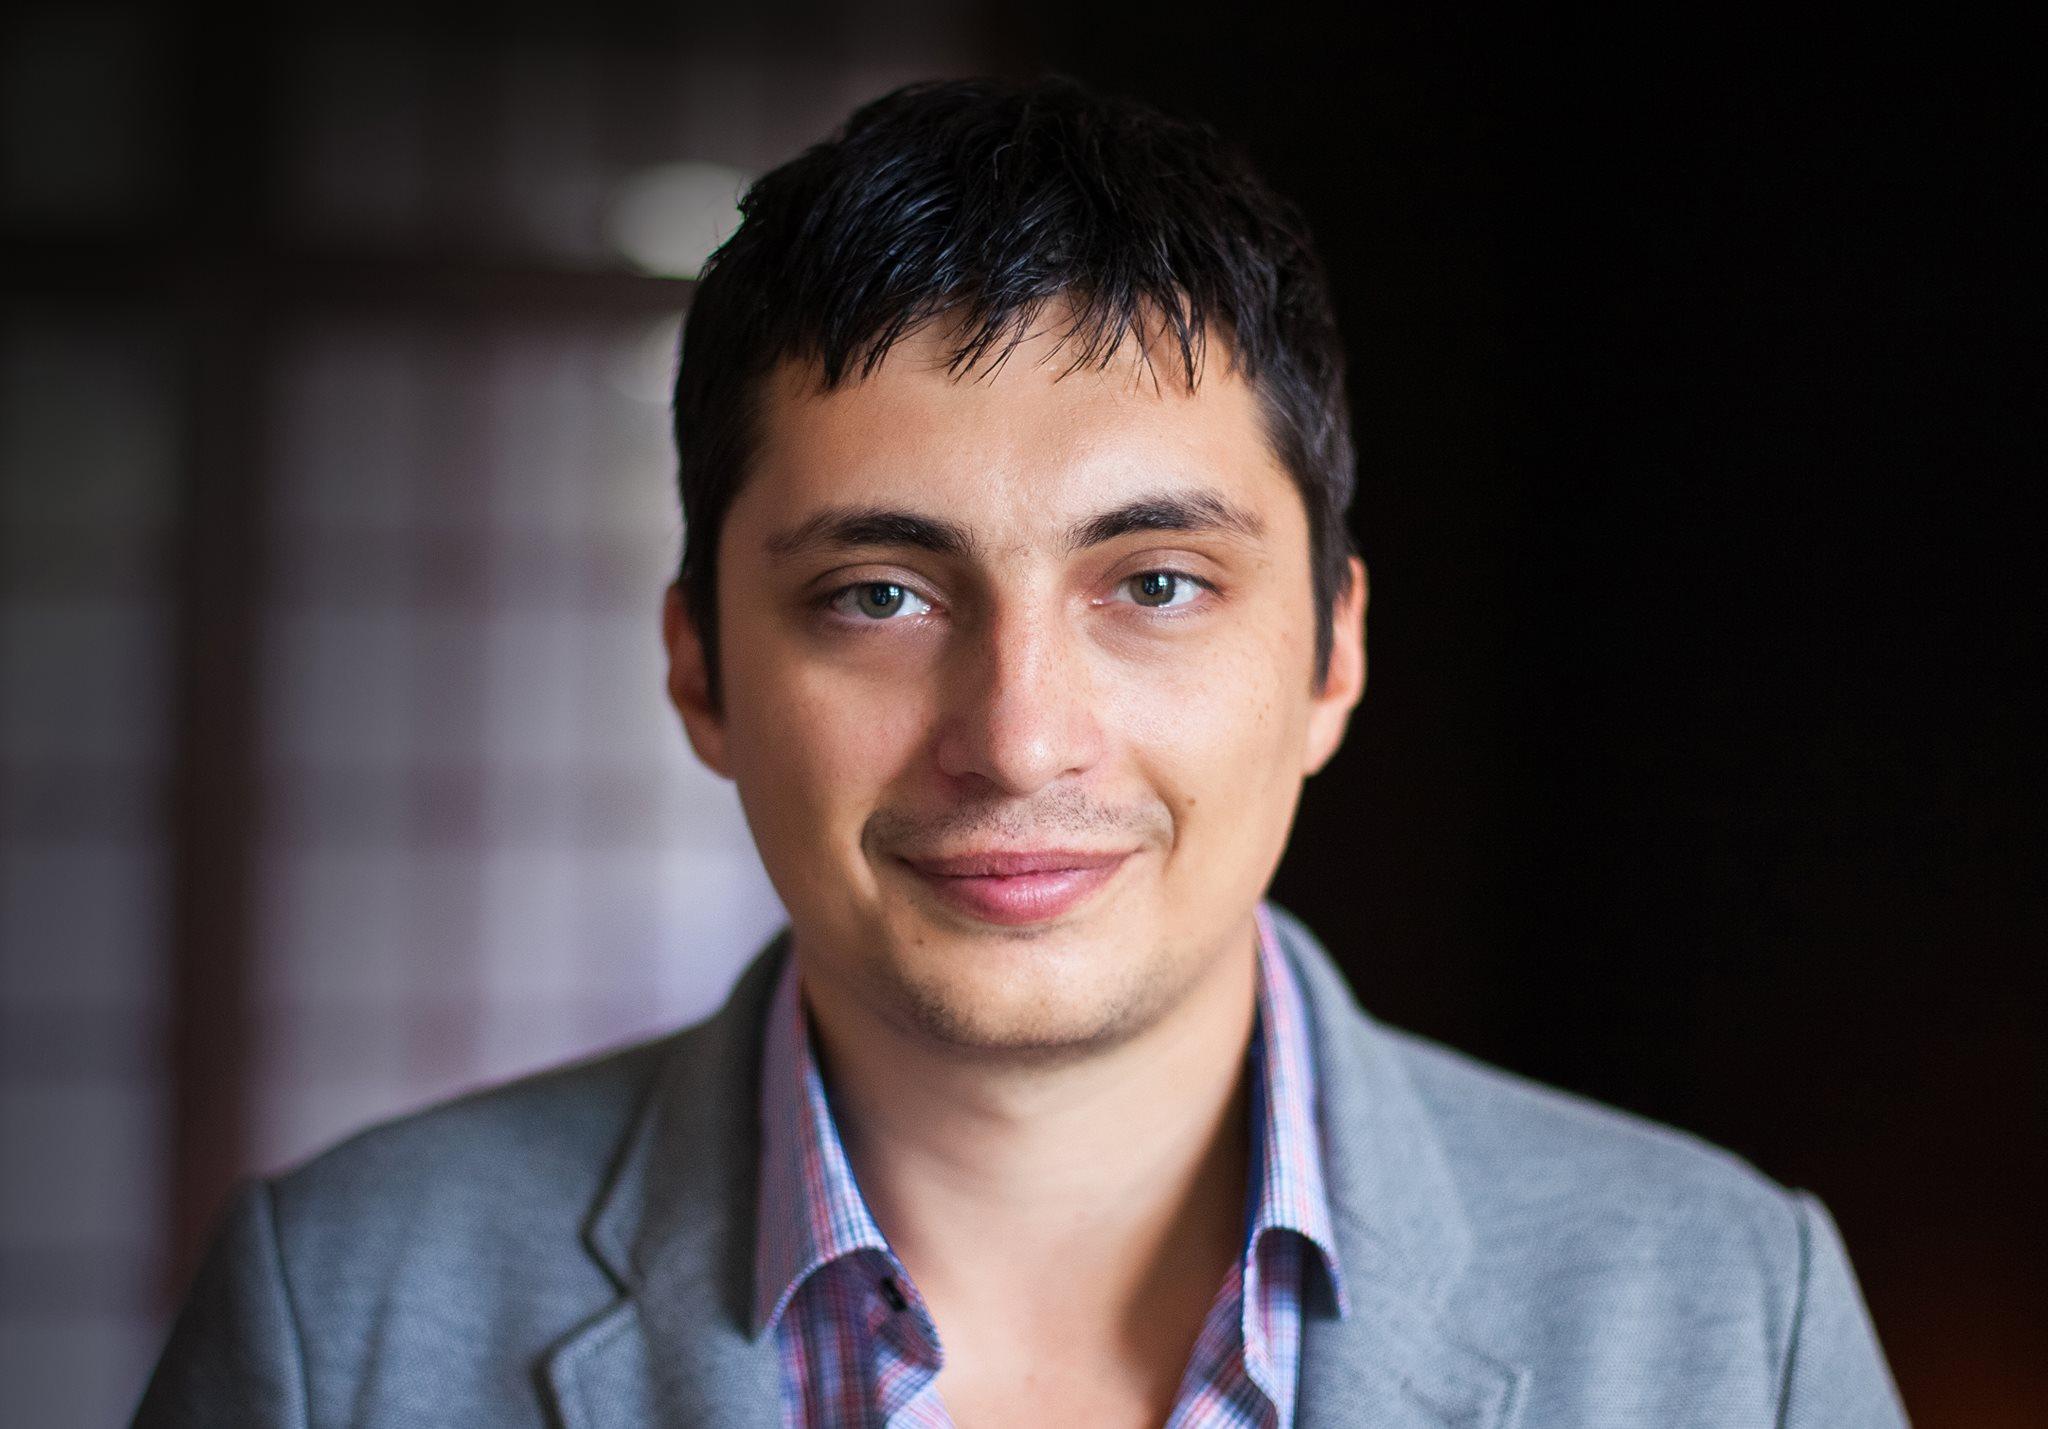 Roman Bilichenko portrait